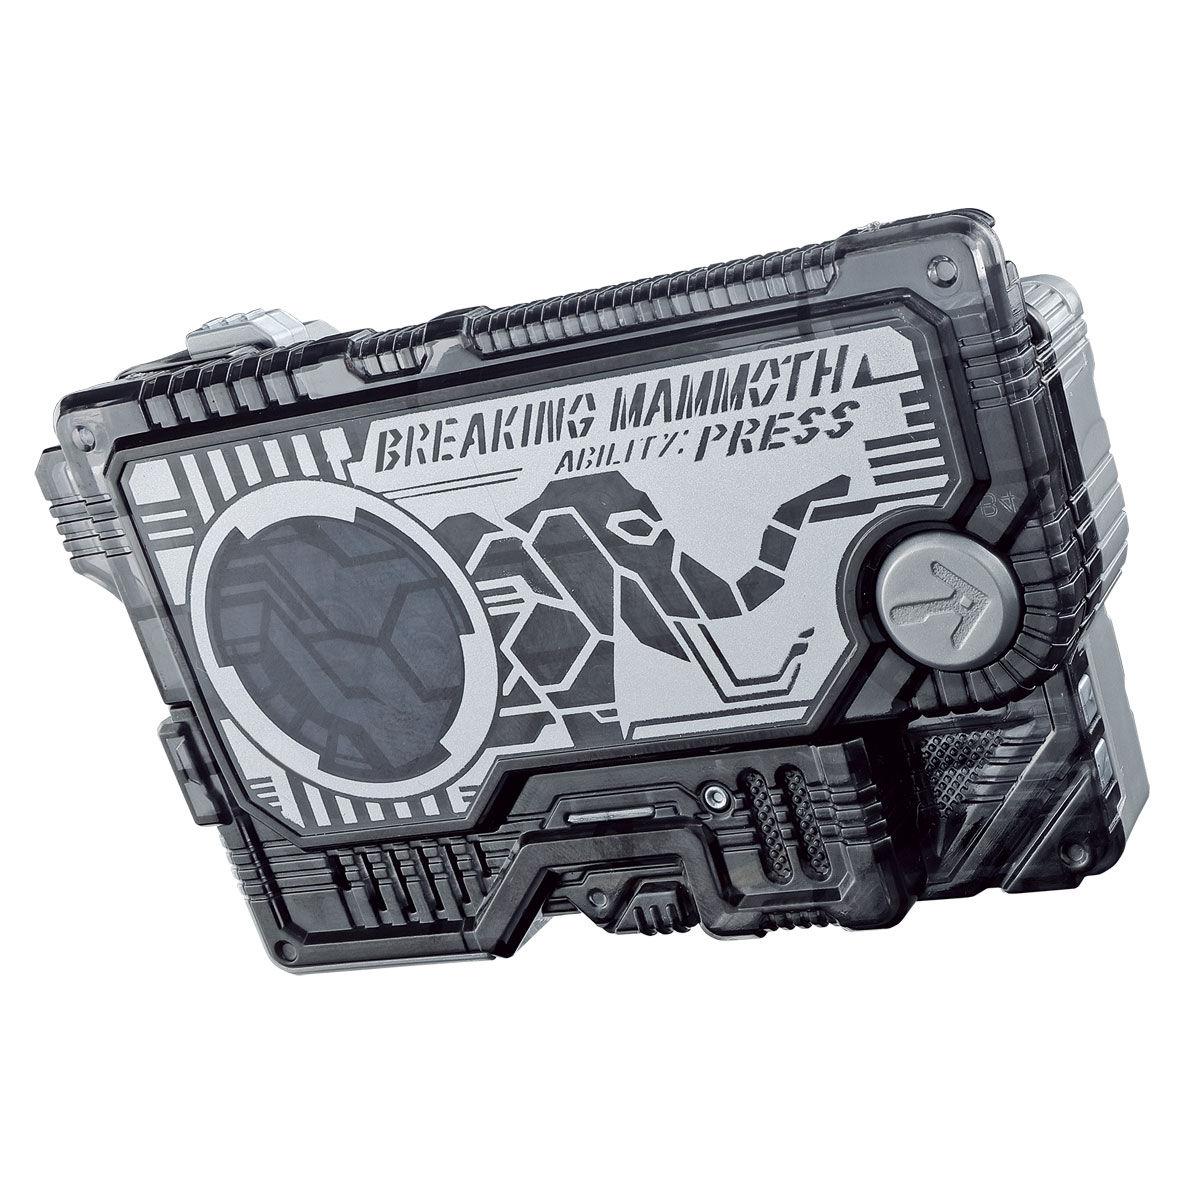 仮面ライダーゼロワン『DXブレイキングマンモス&ブレイキングマンモスプログライズキー』変身なりきり-007